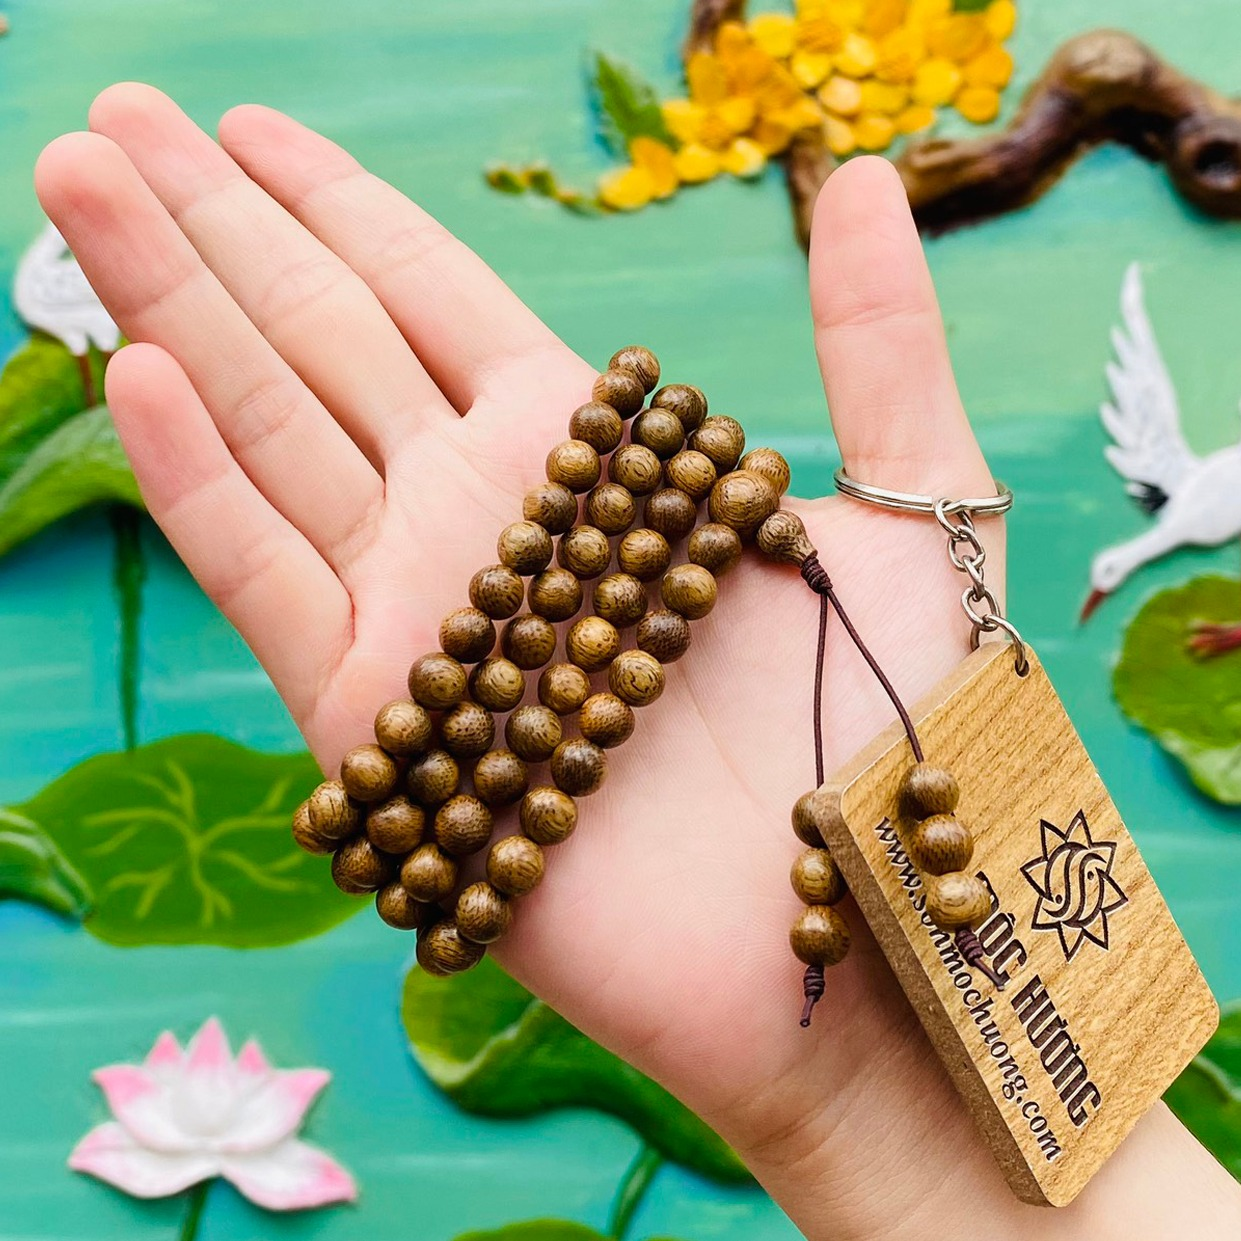 [HCM]Vòng tay trầm hương phong thủy chuỗi tràng 108 hạt nam nữ Sơn Mộc Hương từ trầm tốc tự nhiên giúp mang lại may mắn bình an và tài lộc cho người đeo